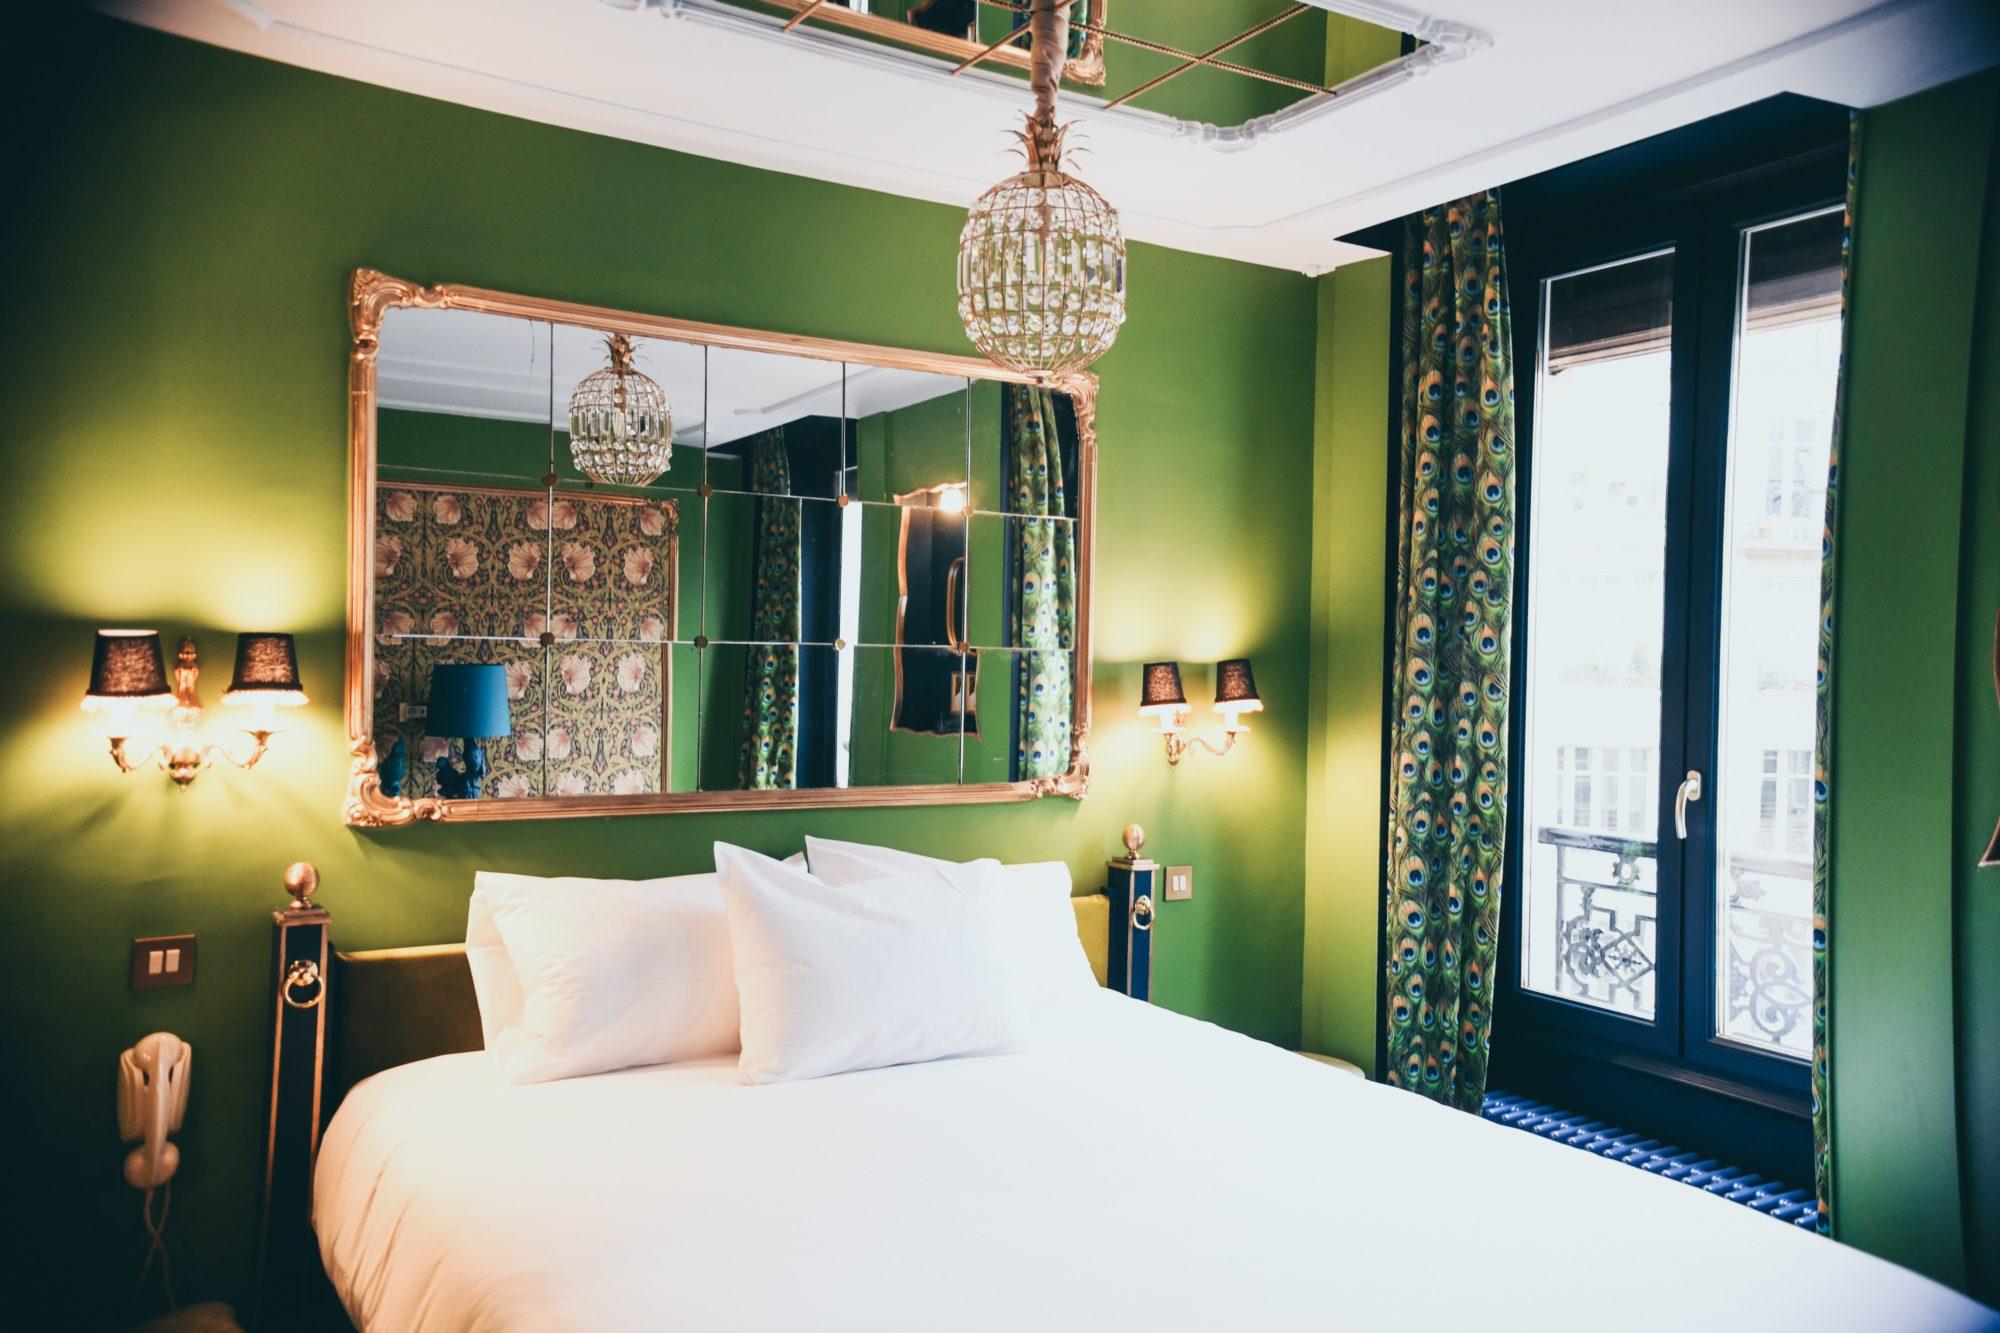 mała sypialnia z lustrem